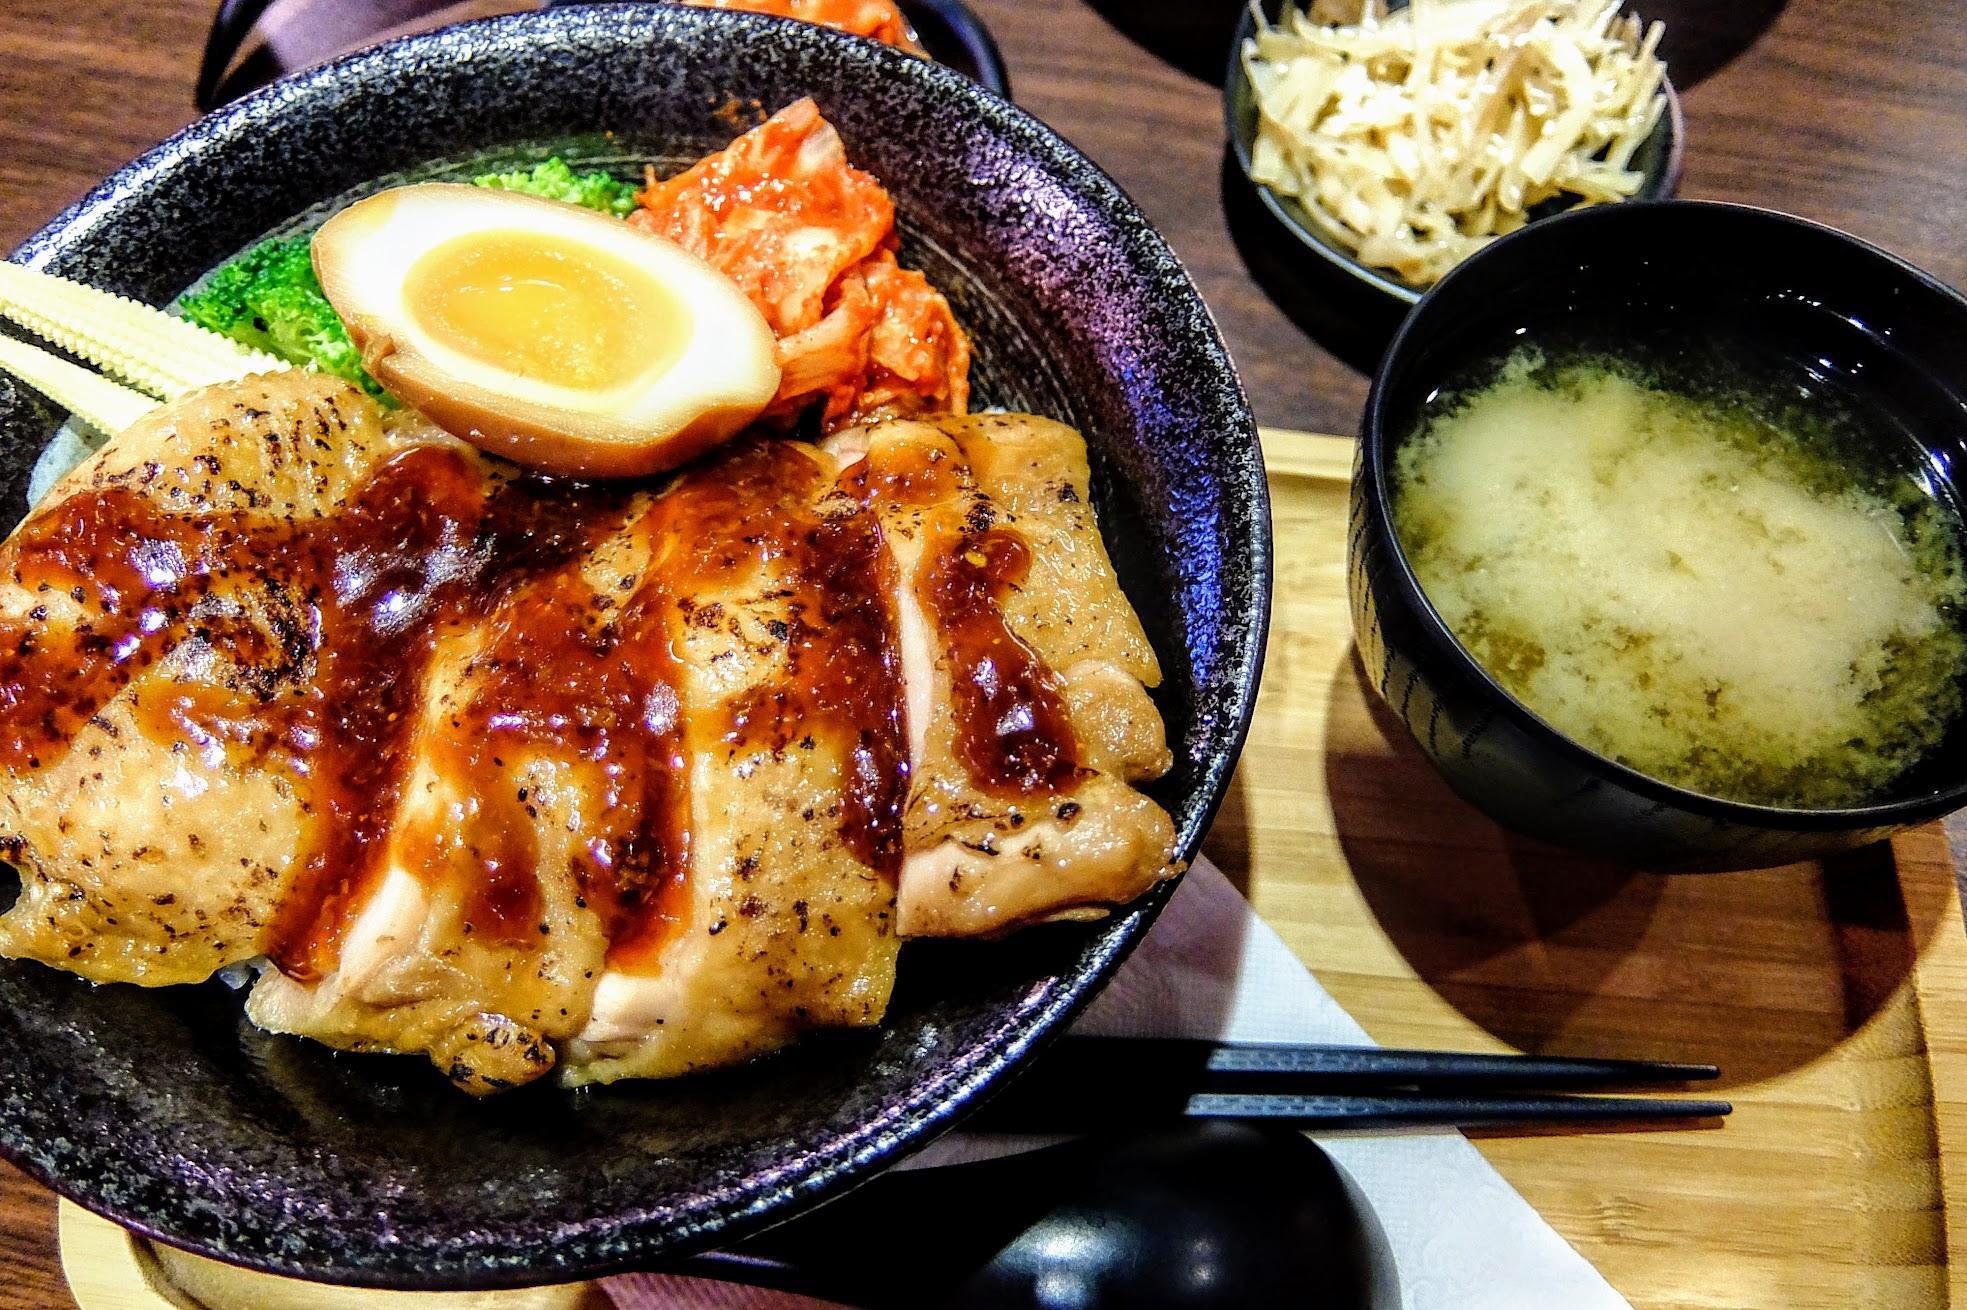 薑燒雞腿排丼飯,一碗+味噌湯,份量上對我而言頗飽足的;旁邊配菜有半顆溏心蛋、泡菜、花椰菜和玉米筍